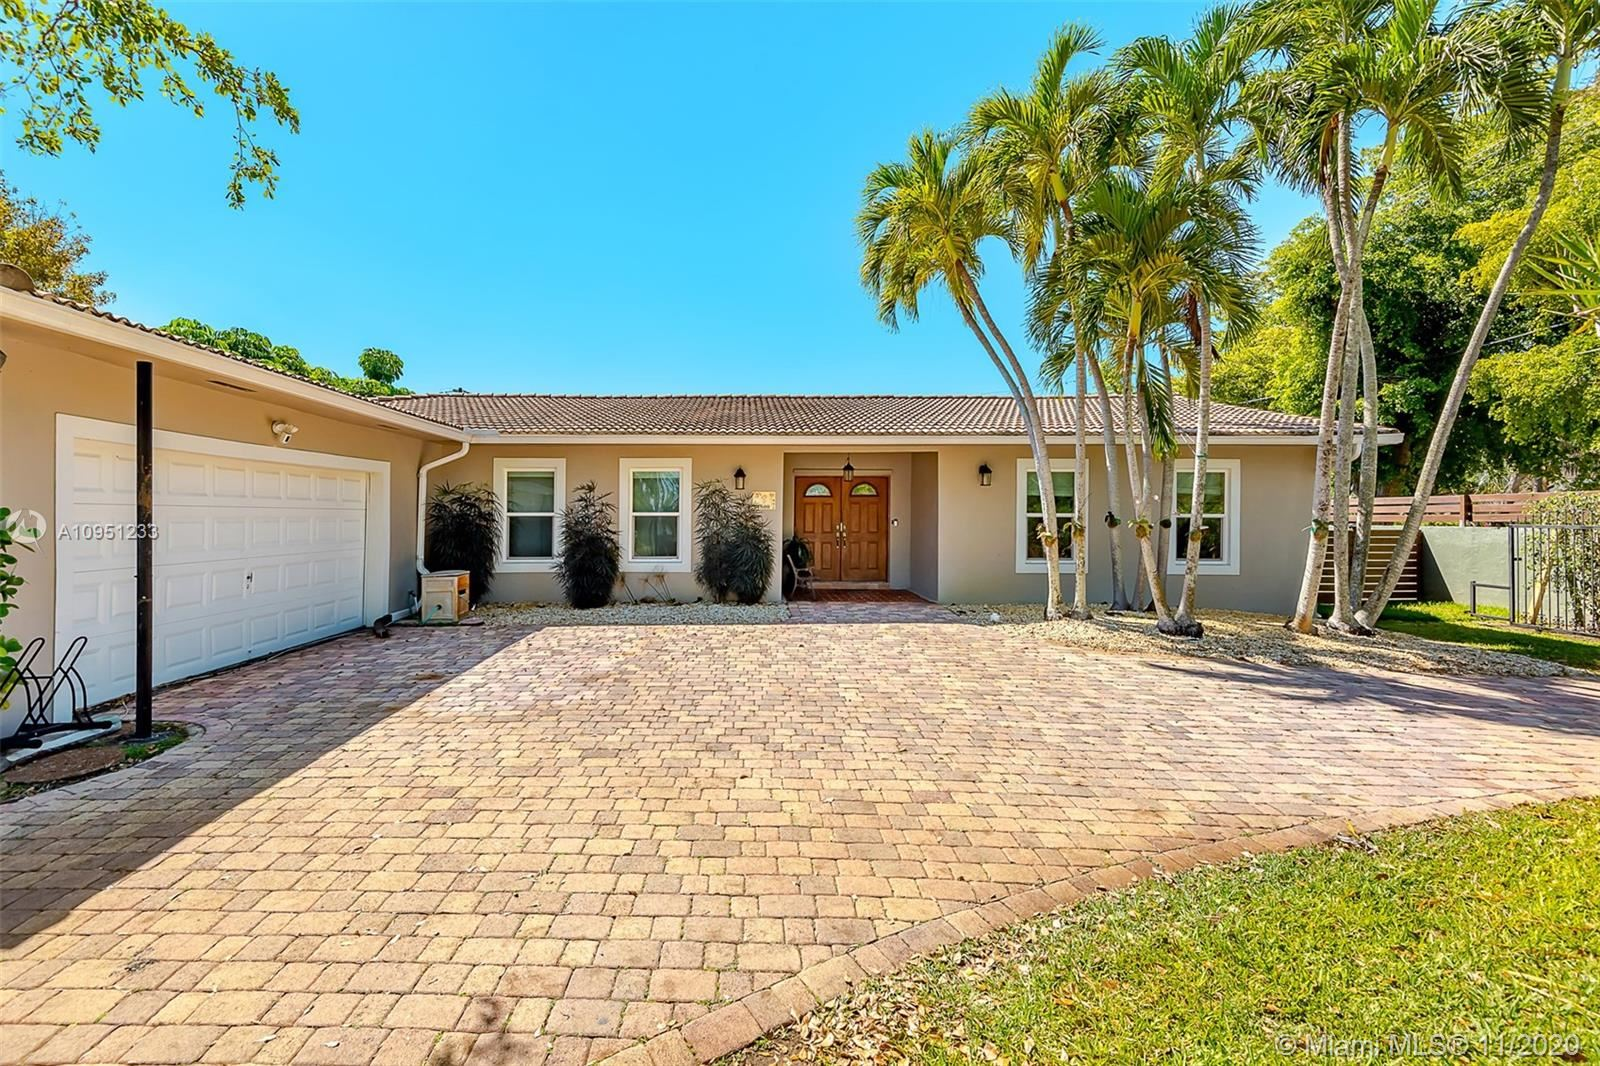 1800 NE 199th St, Miami, FL 33179 - #: A10951233